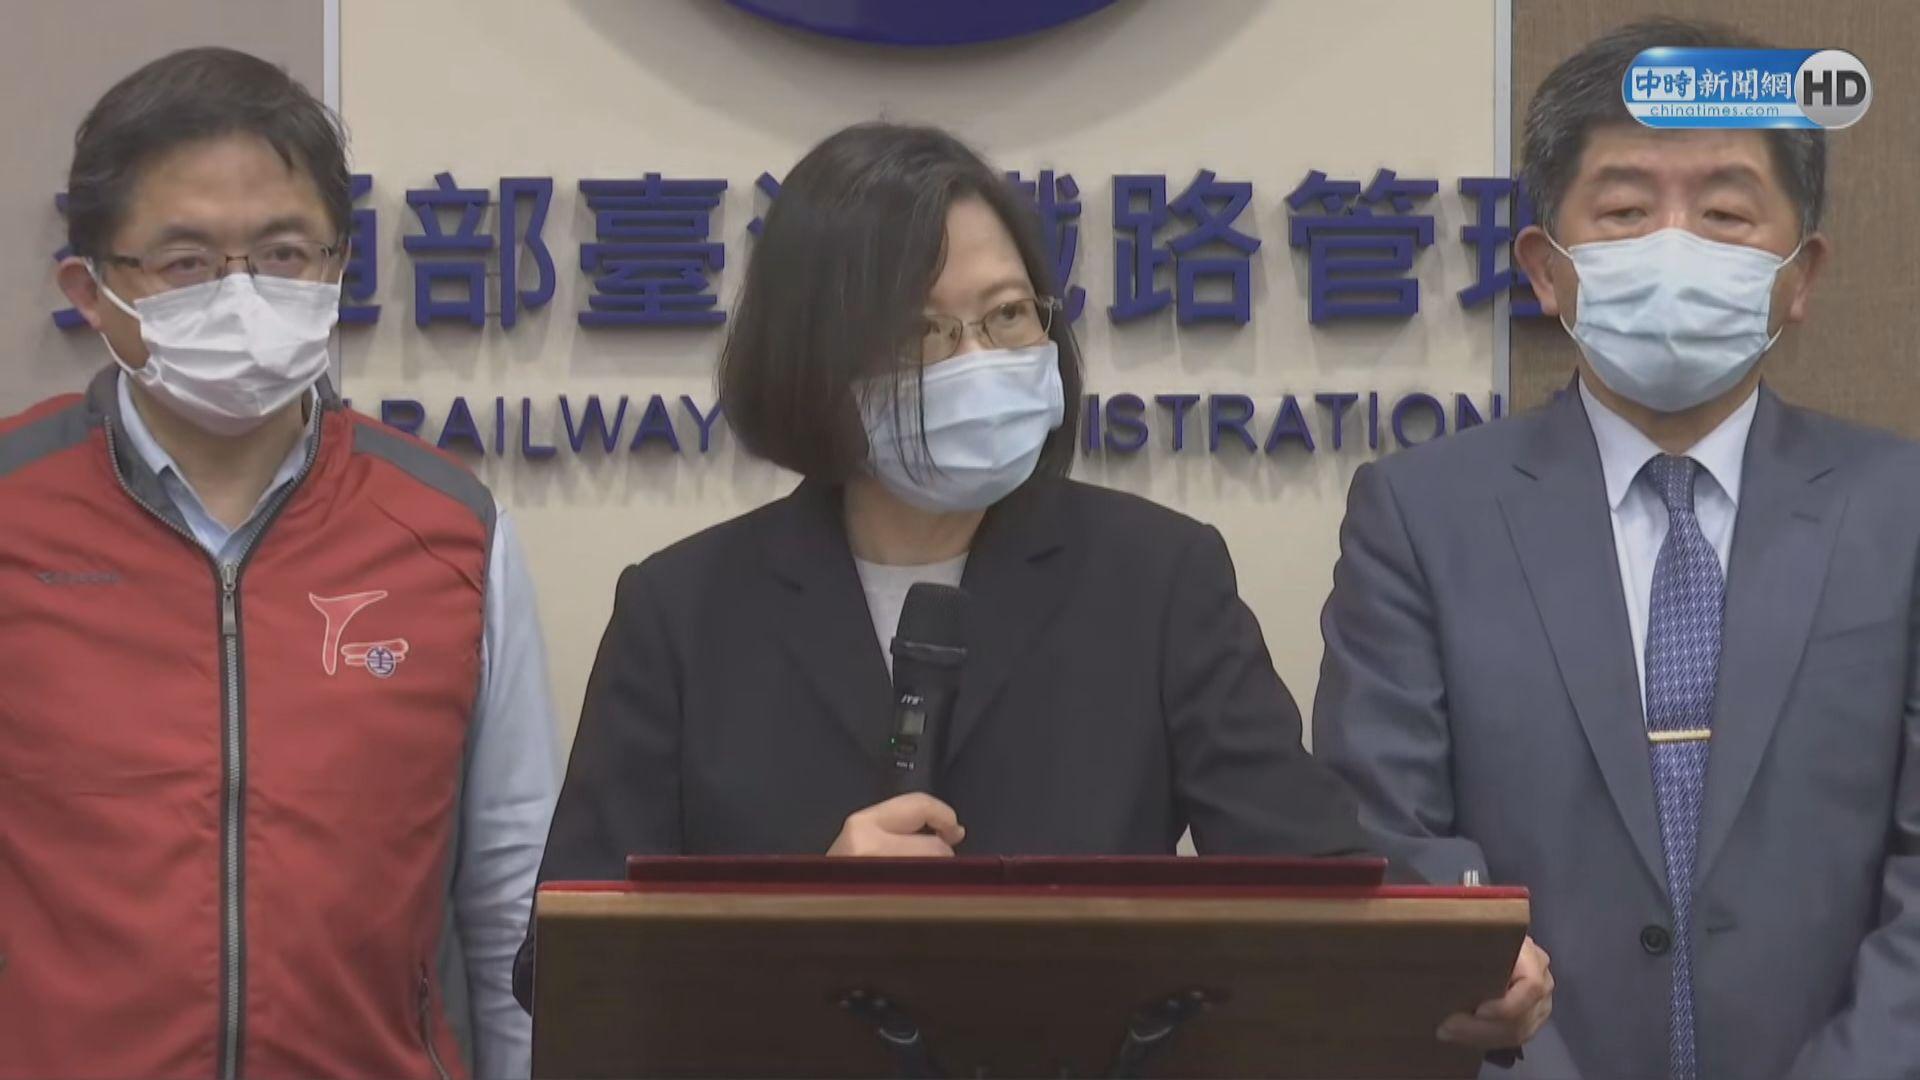 台鐵事故疑因工程車斜坡滑落撞向列車 蔡英文要求徹查